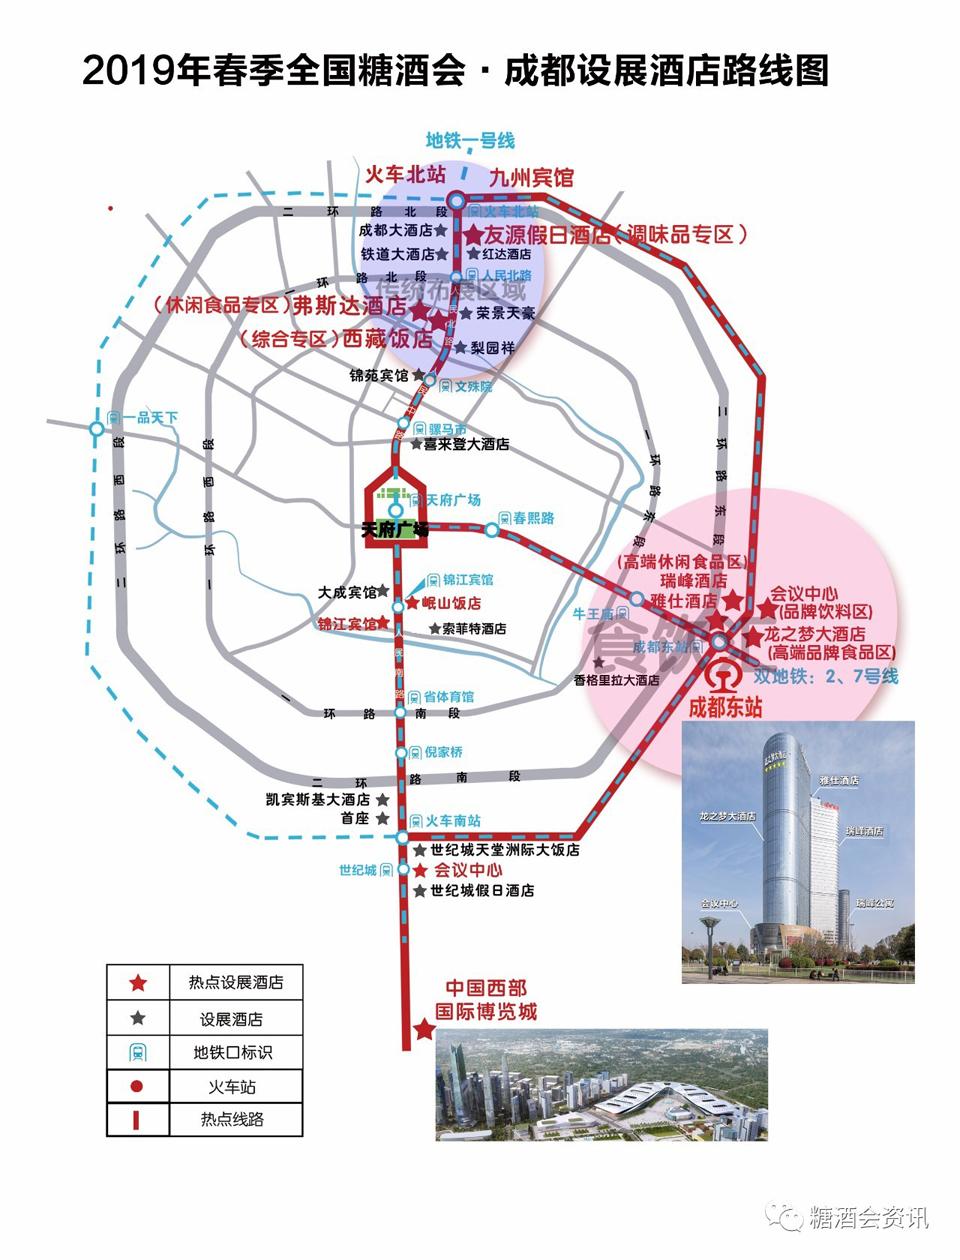 2019年(100届)全国春季糖酒会路线图